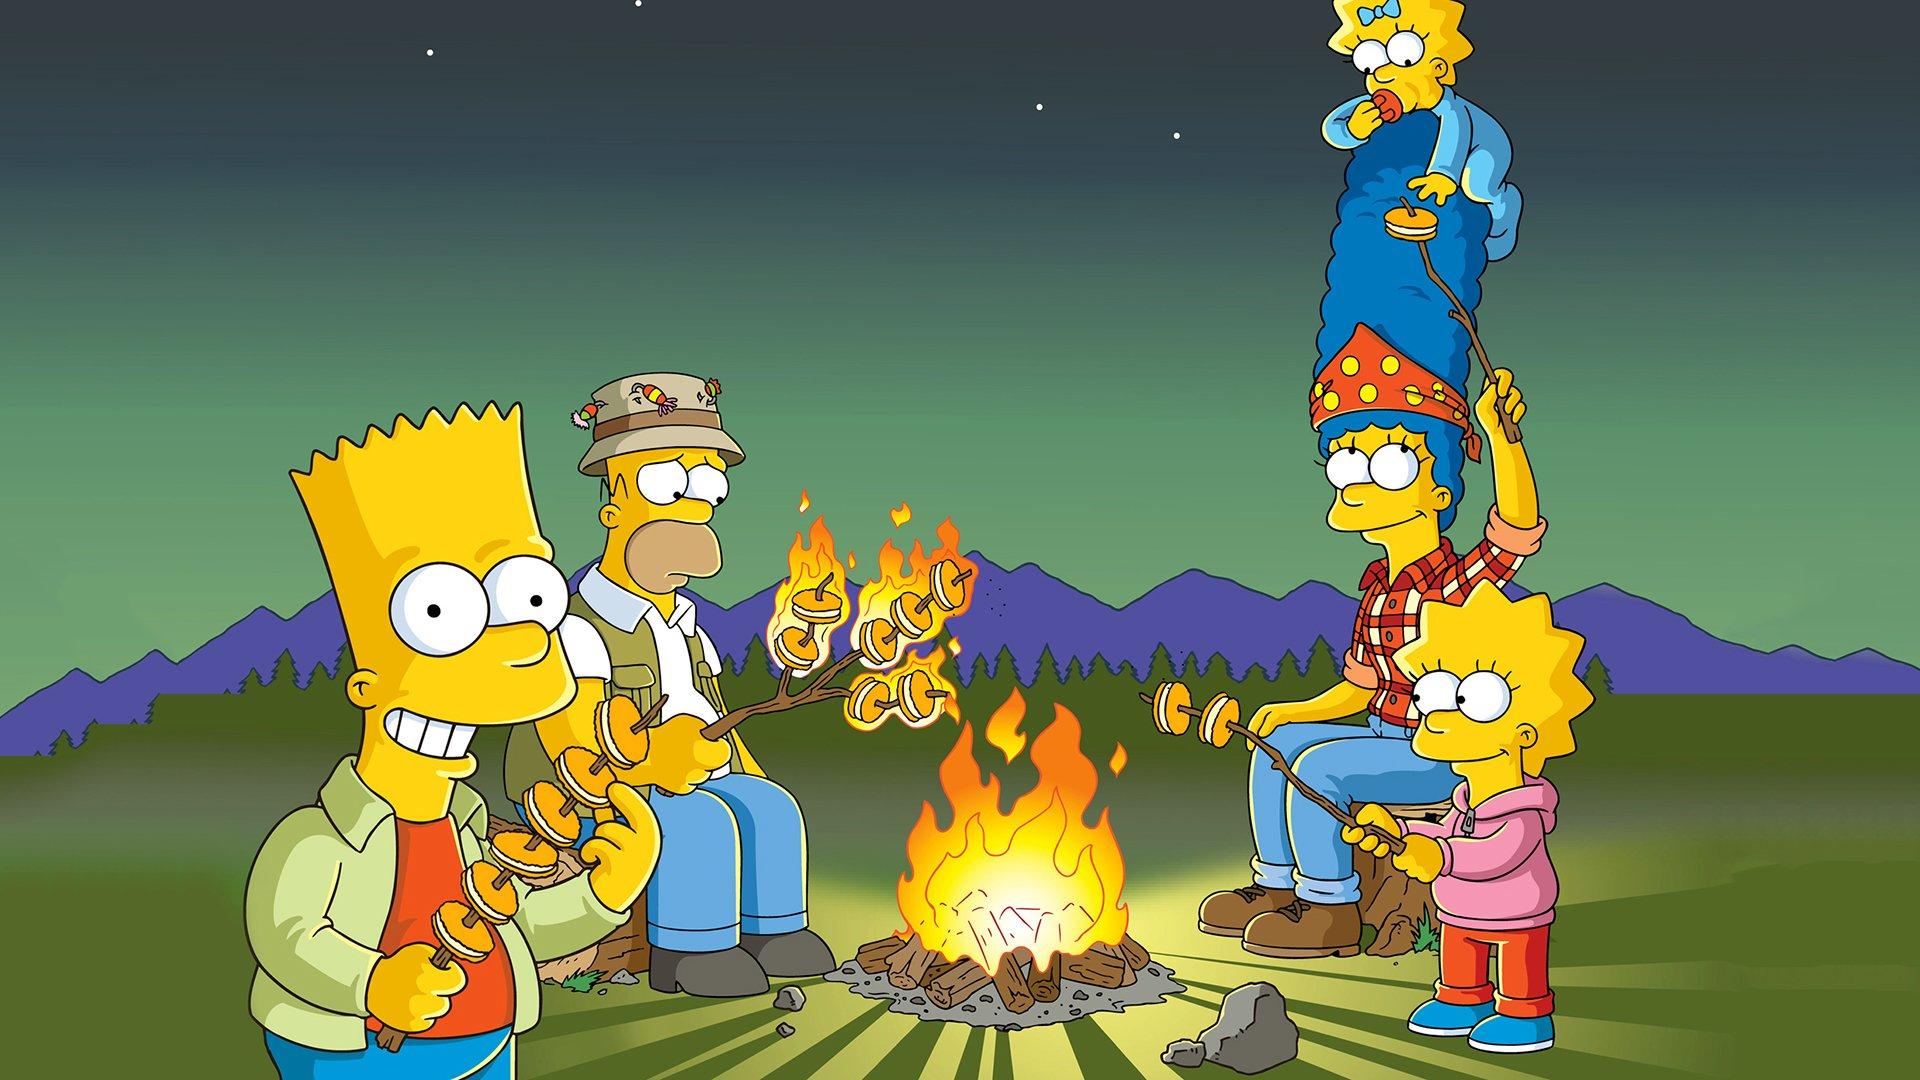 Wallpapers En Hd: Los Simpson, Fondos De Pantalla De Los Simpson, Wallpapers